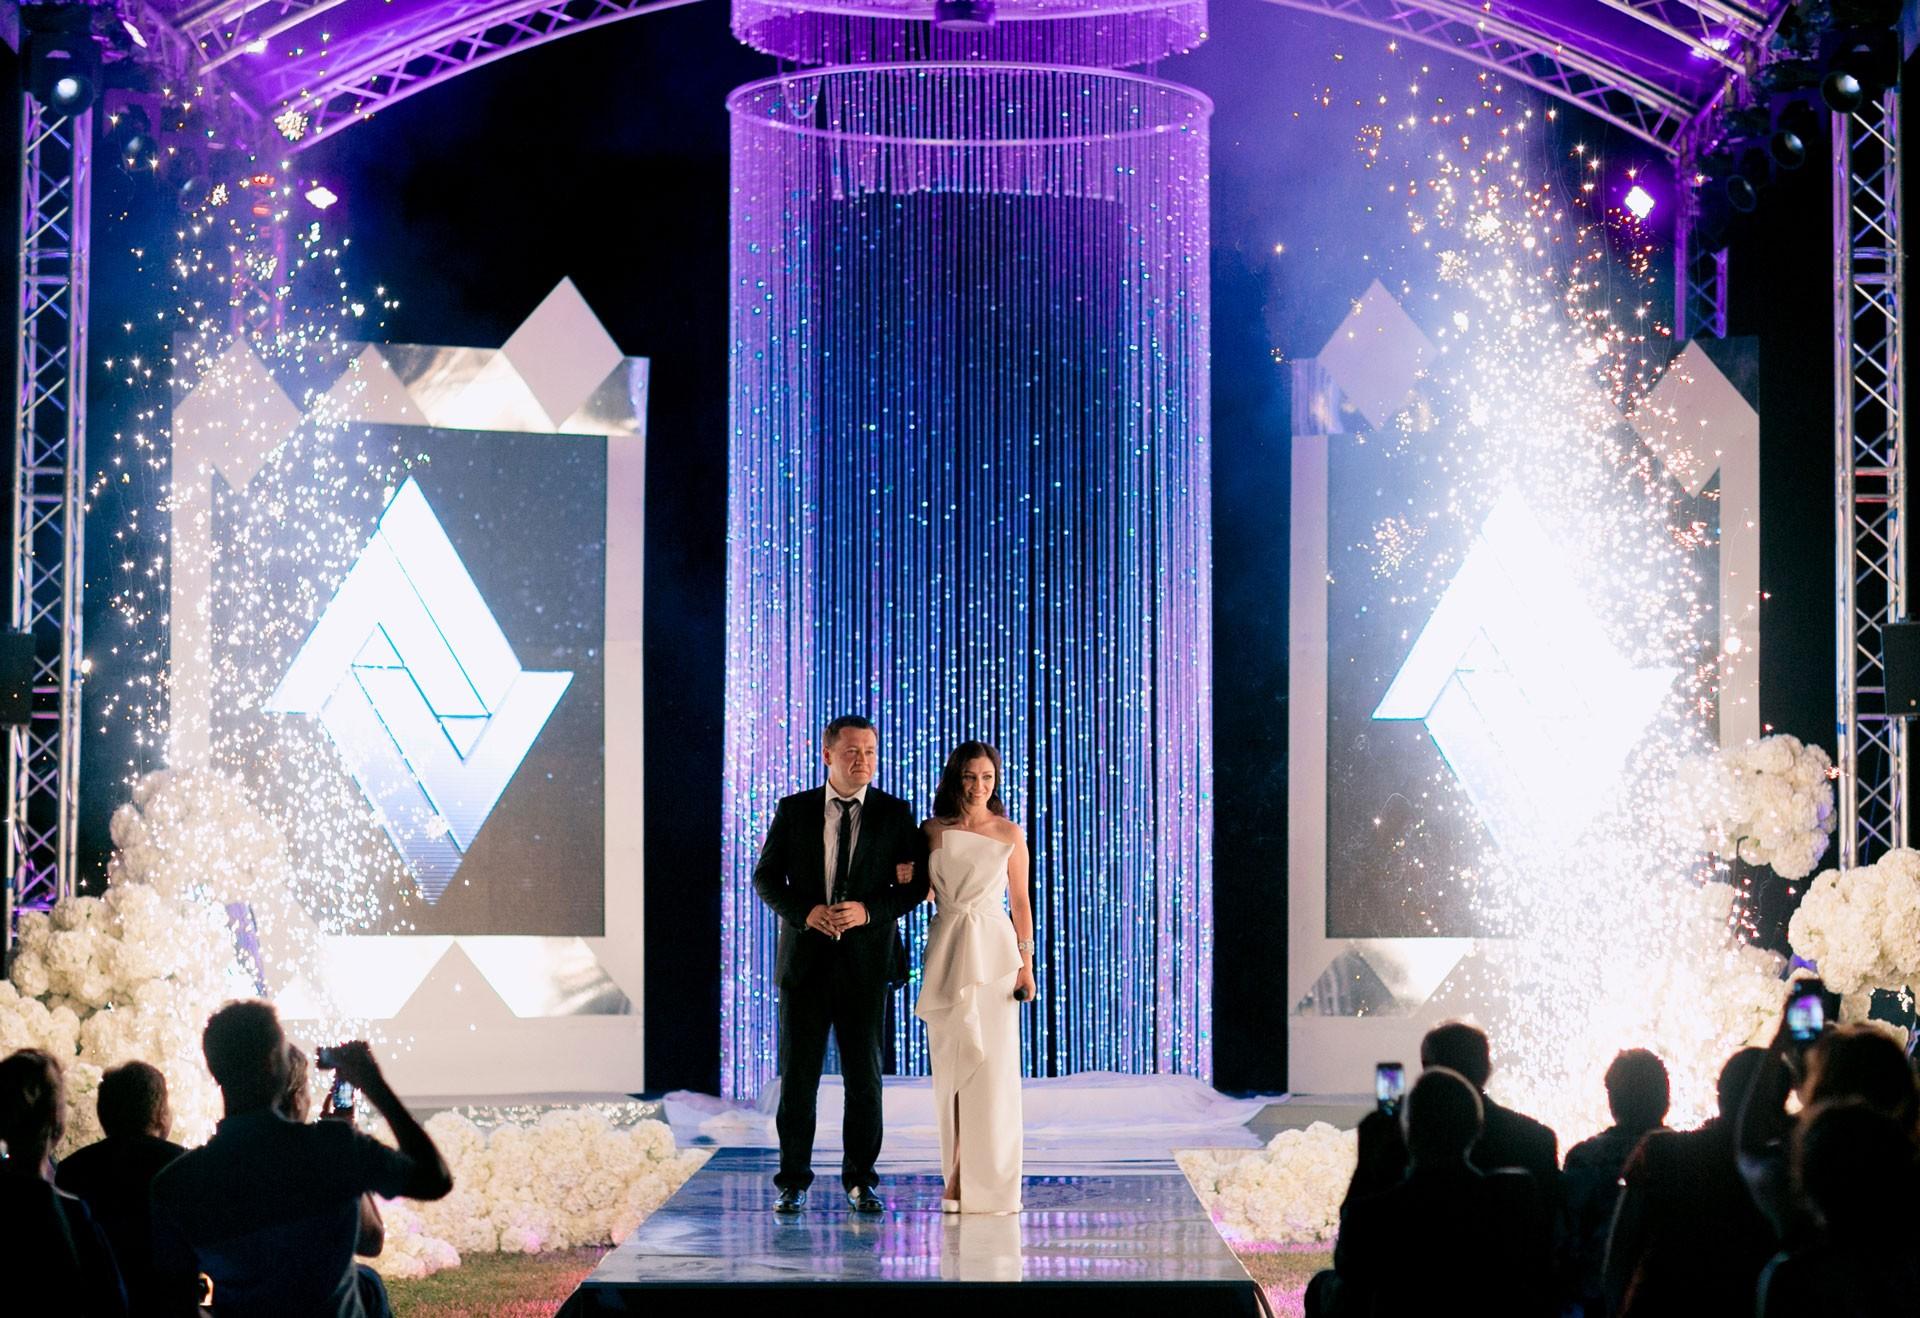 В отражении друг друга. Свадьба Андрея и Алины фото 8